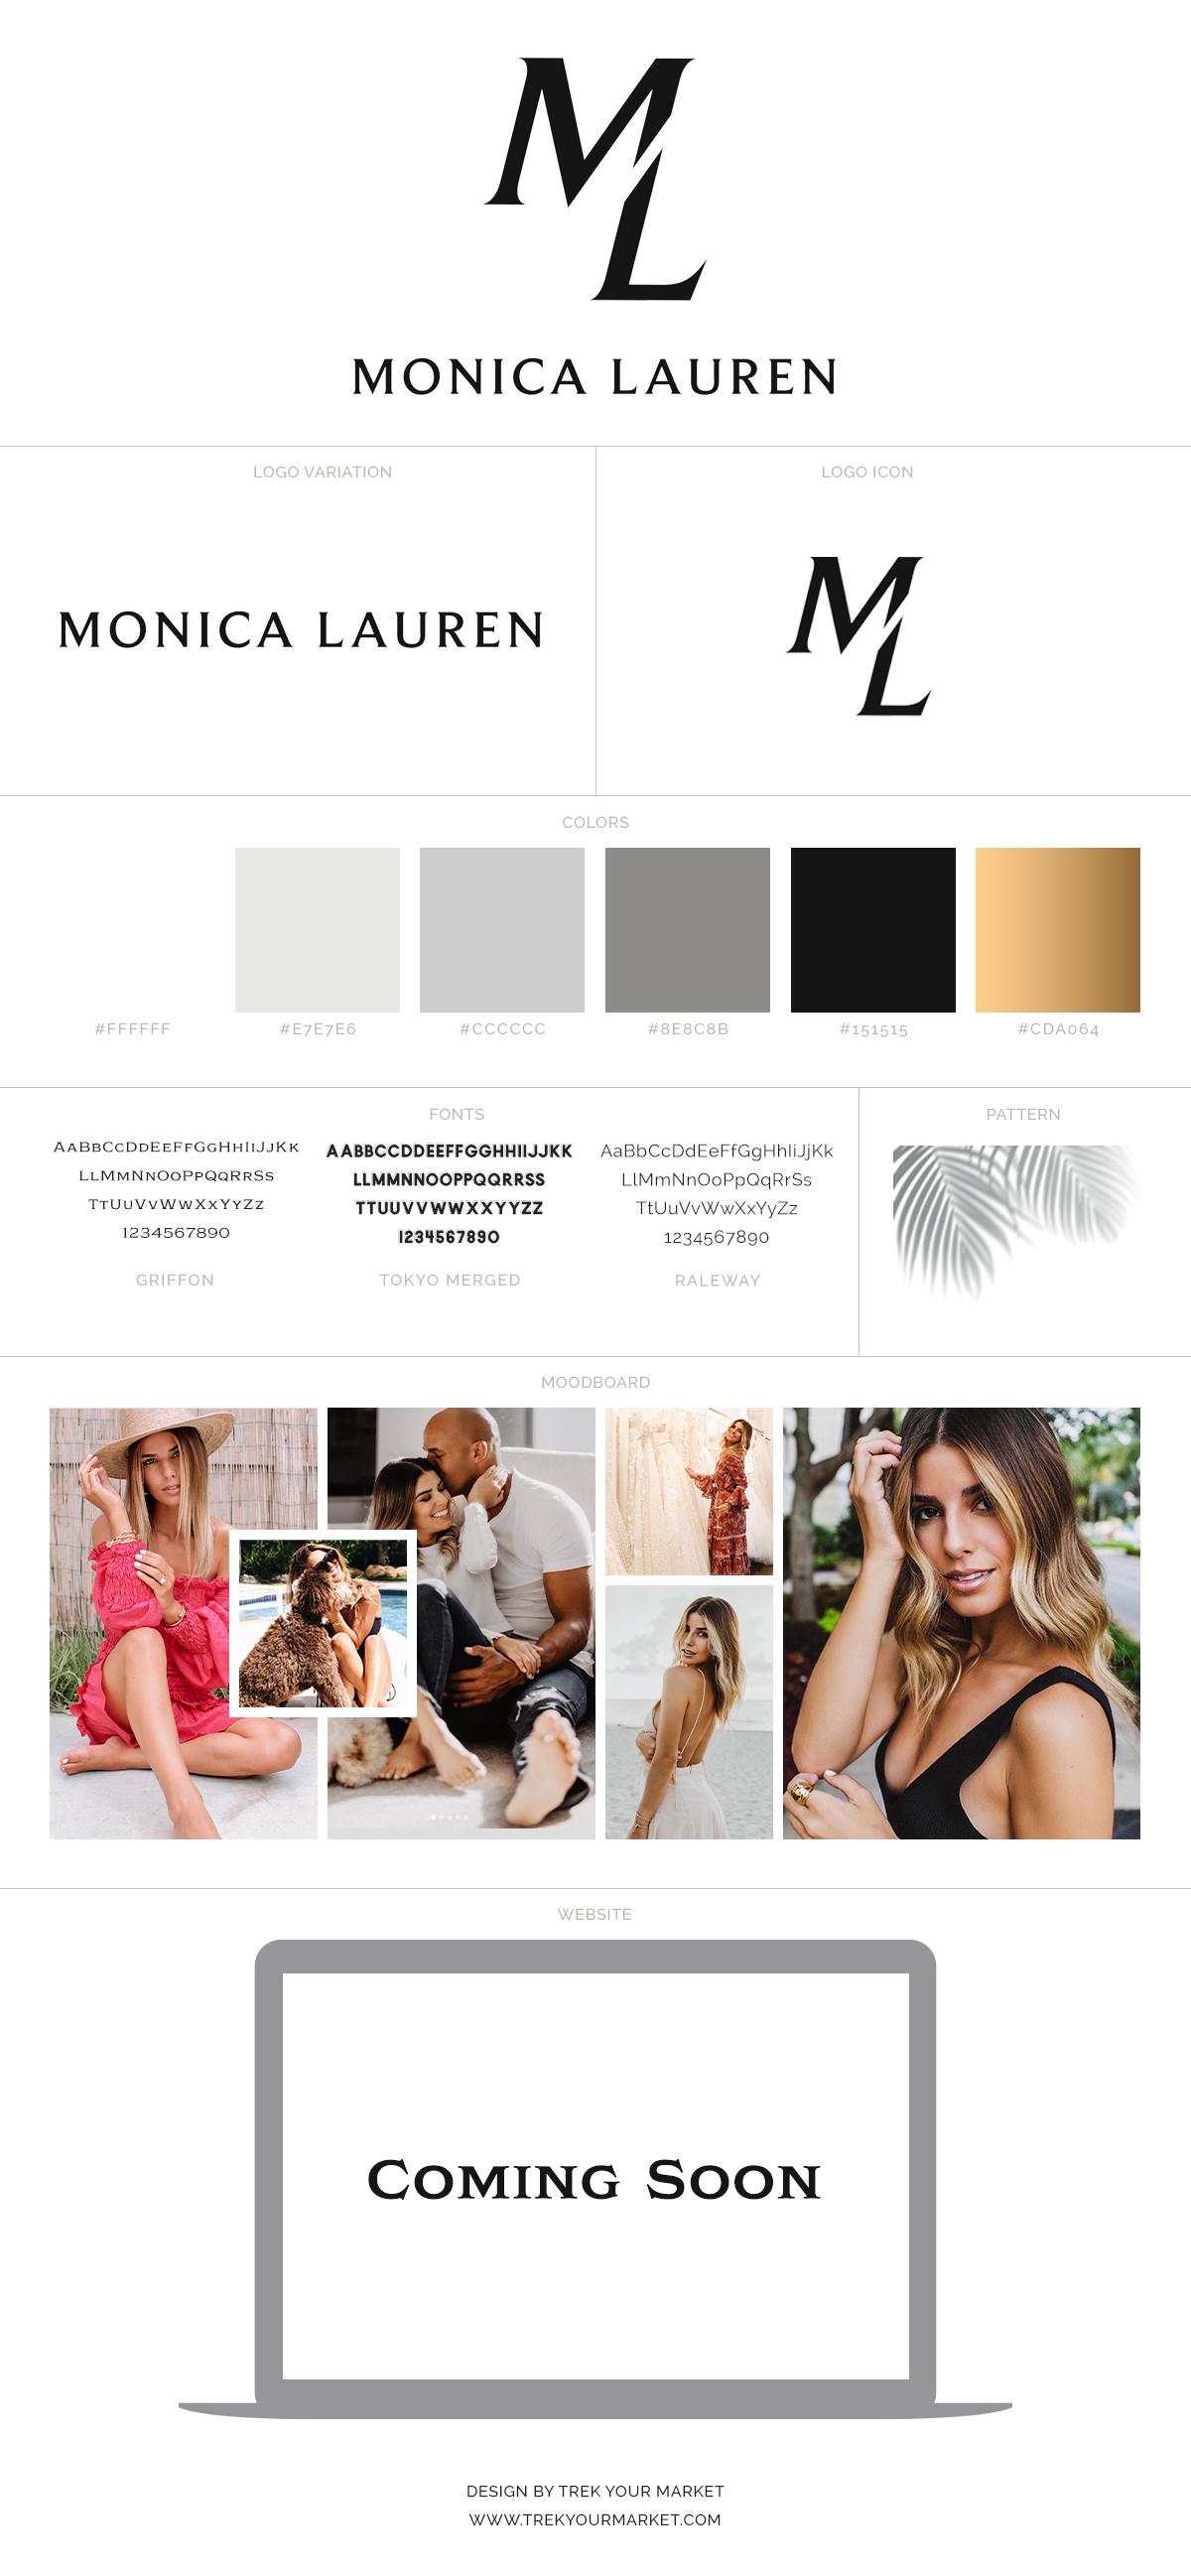 Monica Lauren Branding Guide.png